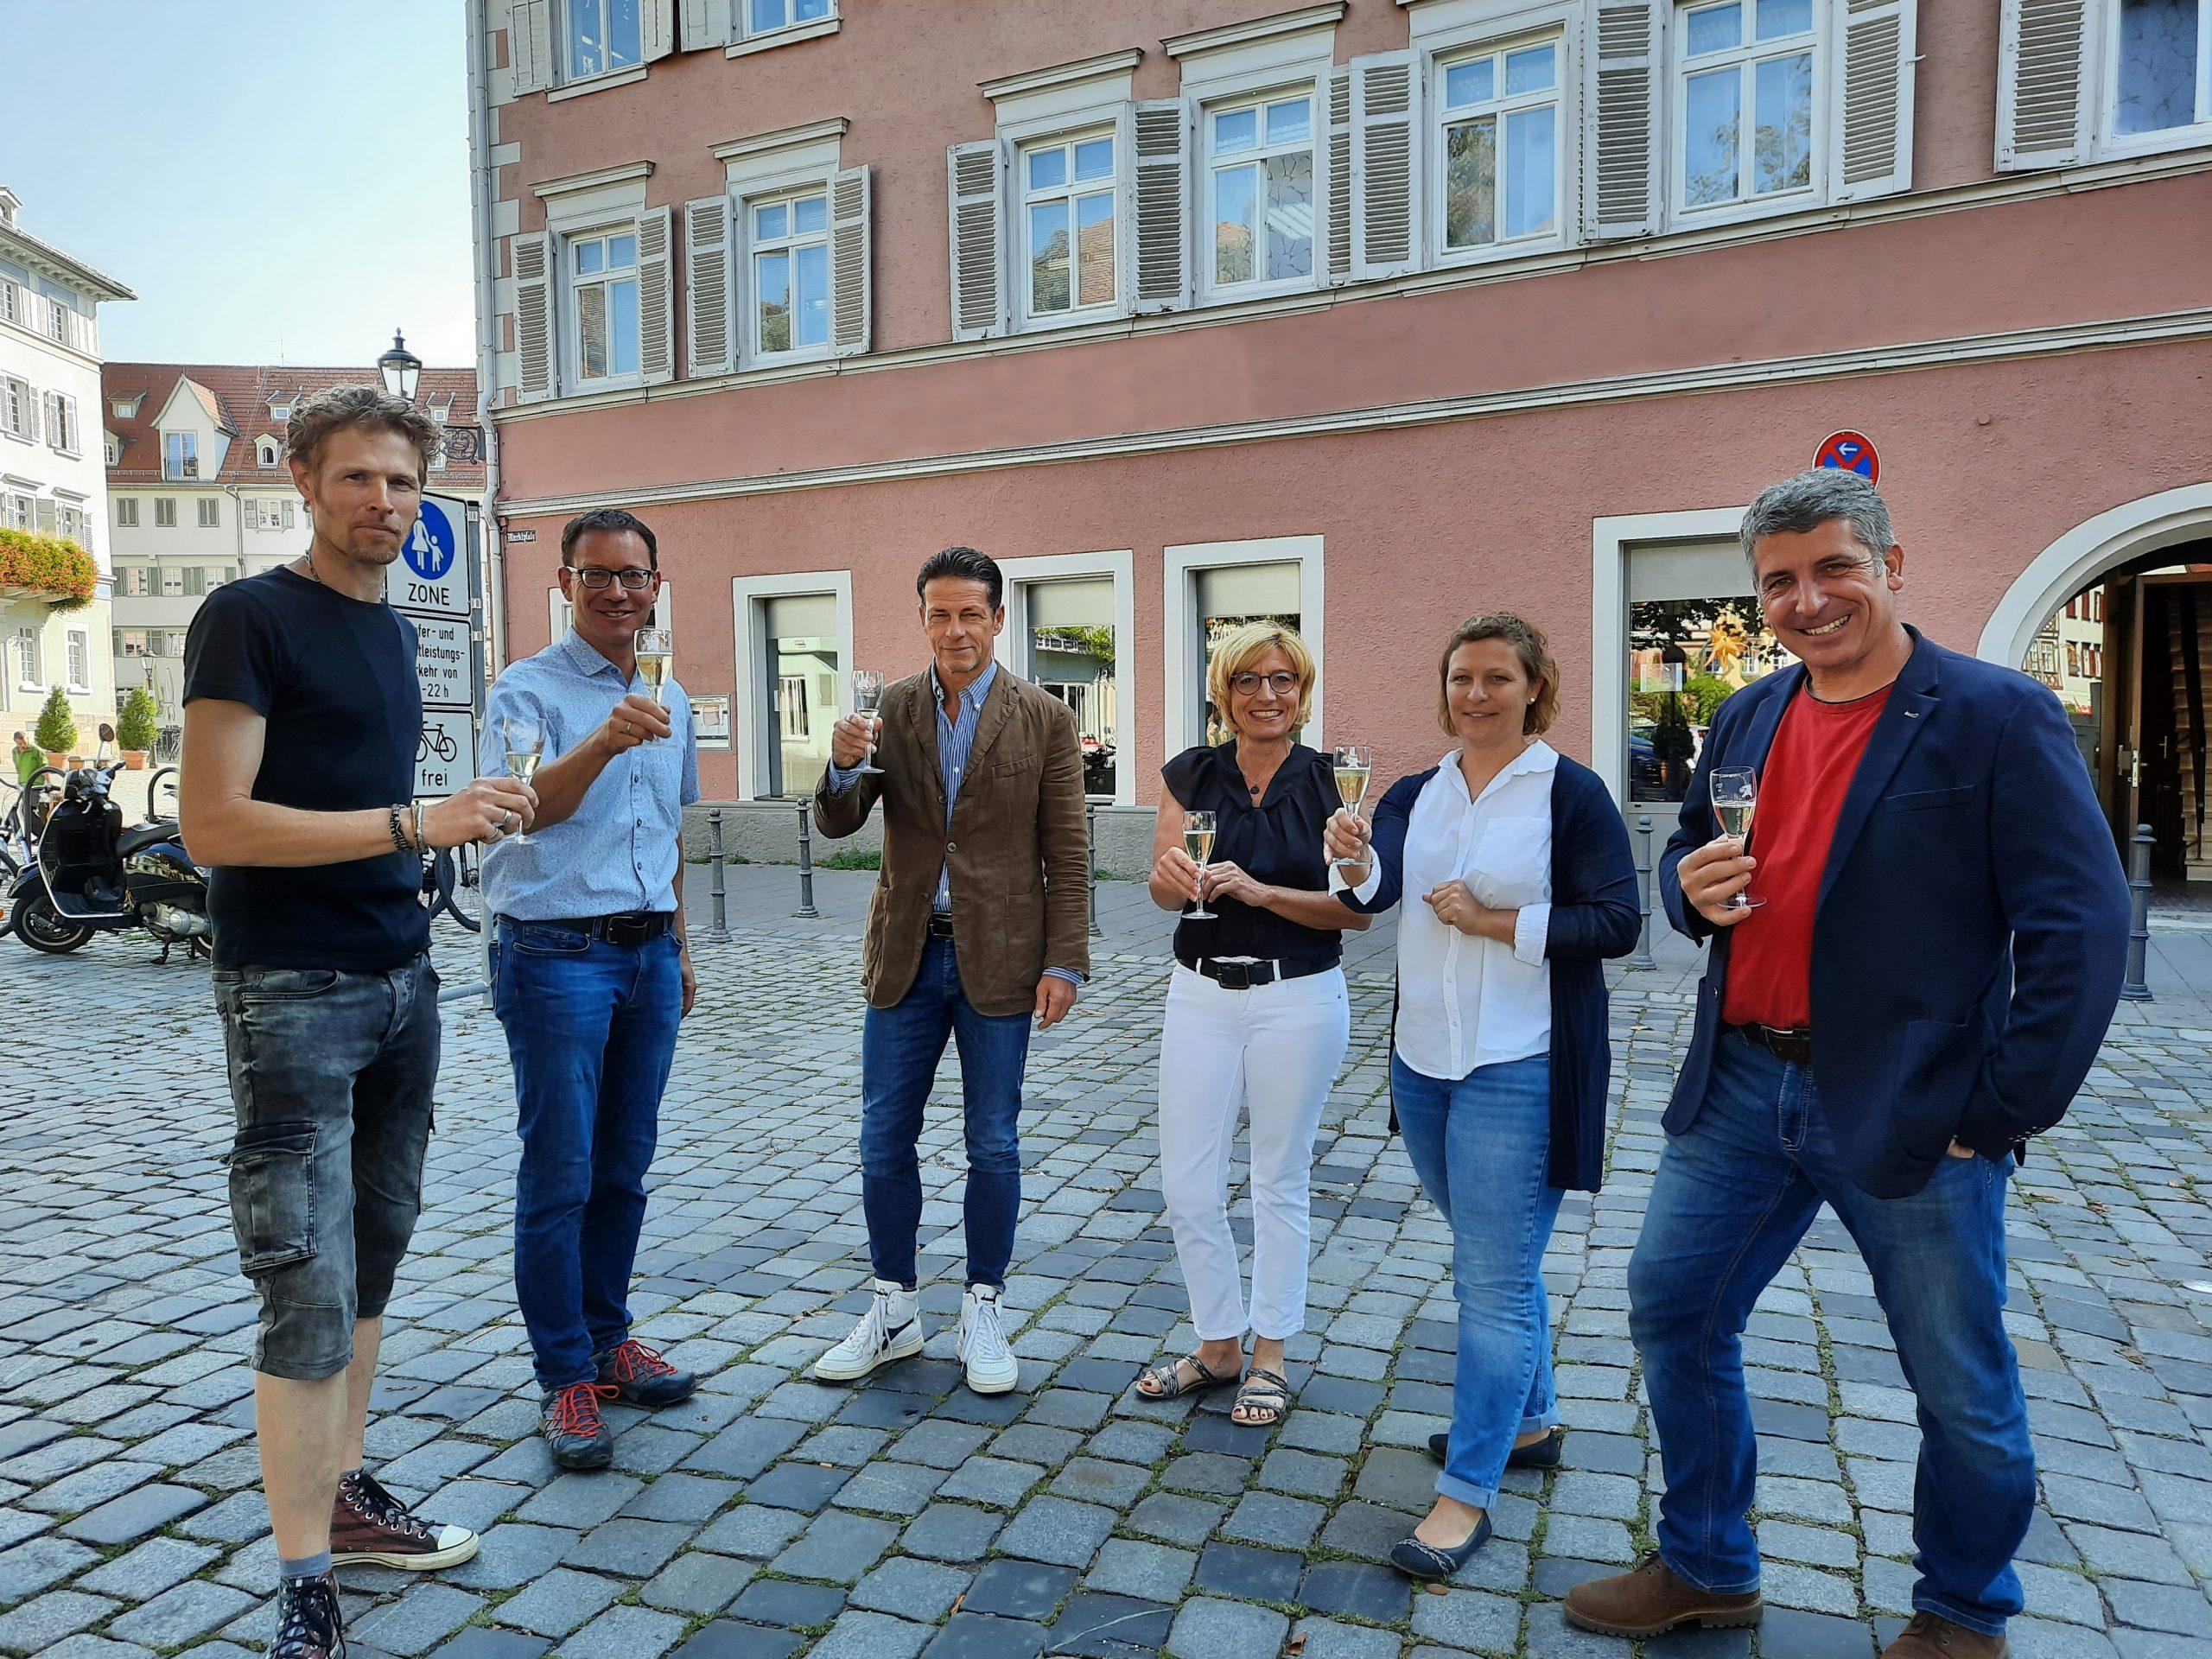 Architekt Martin Gaysert, Andreas Rapp, Frank Dittus, Brigitte Schmucker, Ramona Fischer und Achim Jahn (von links).